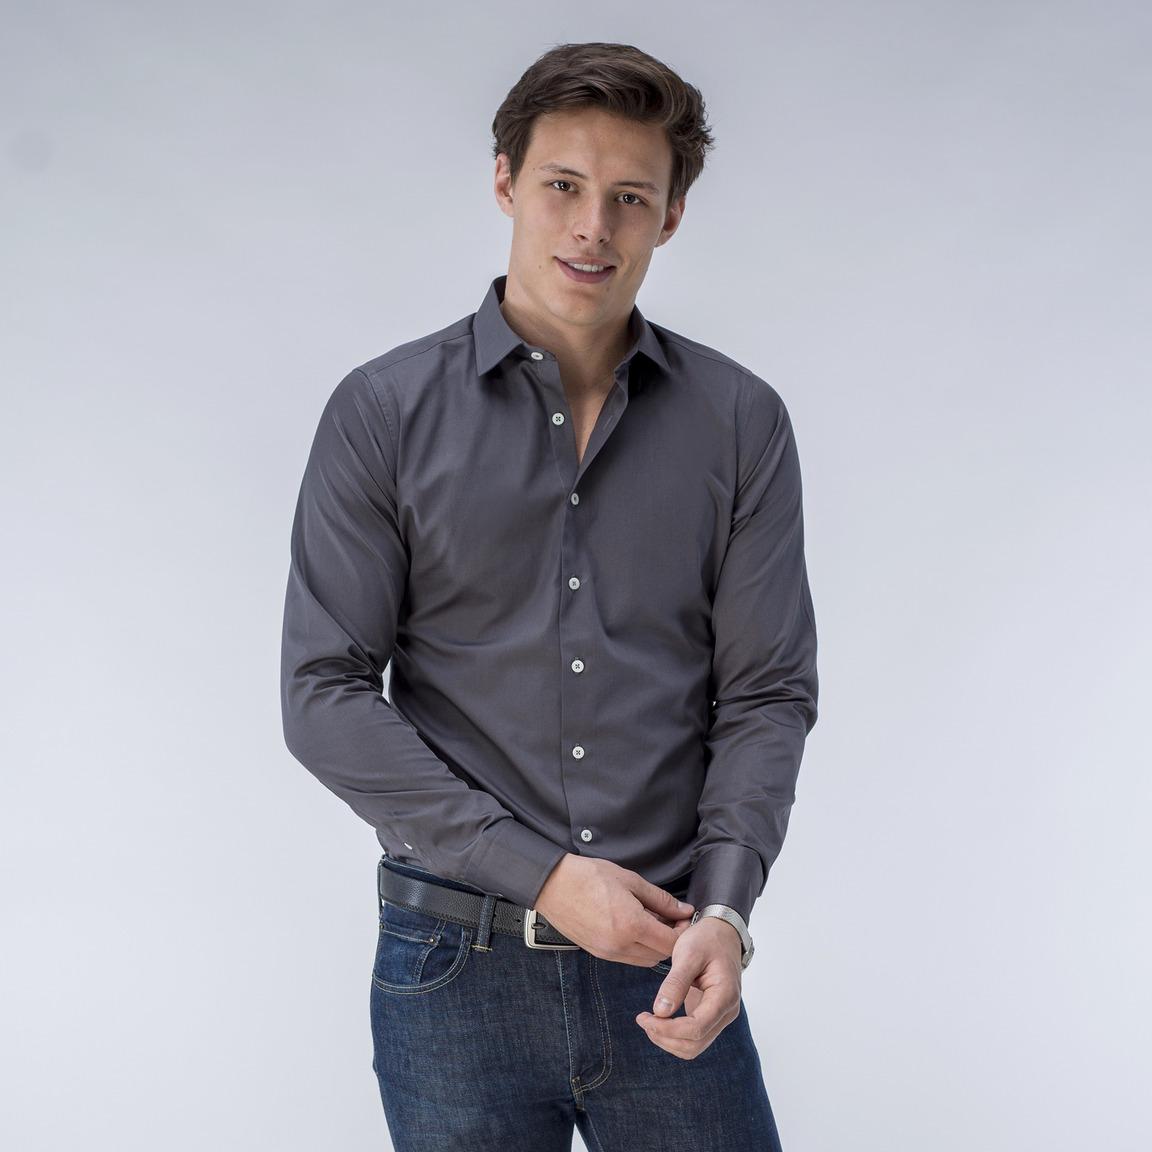 Gray business shirt